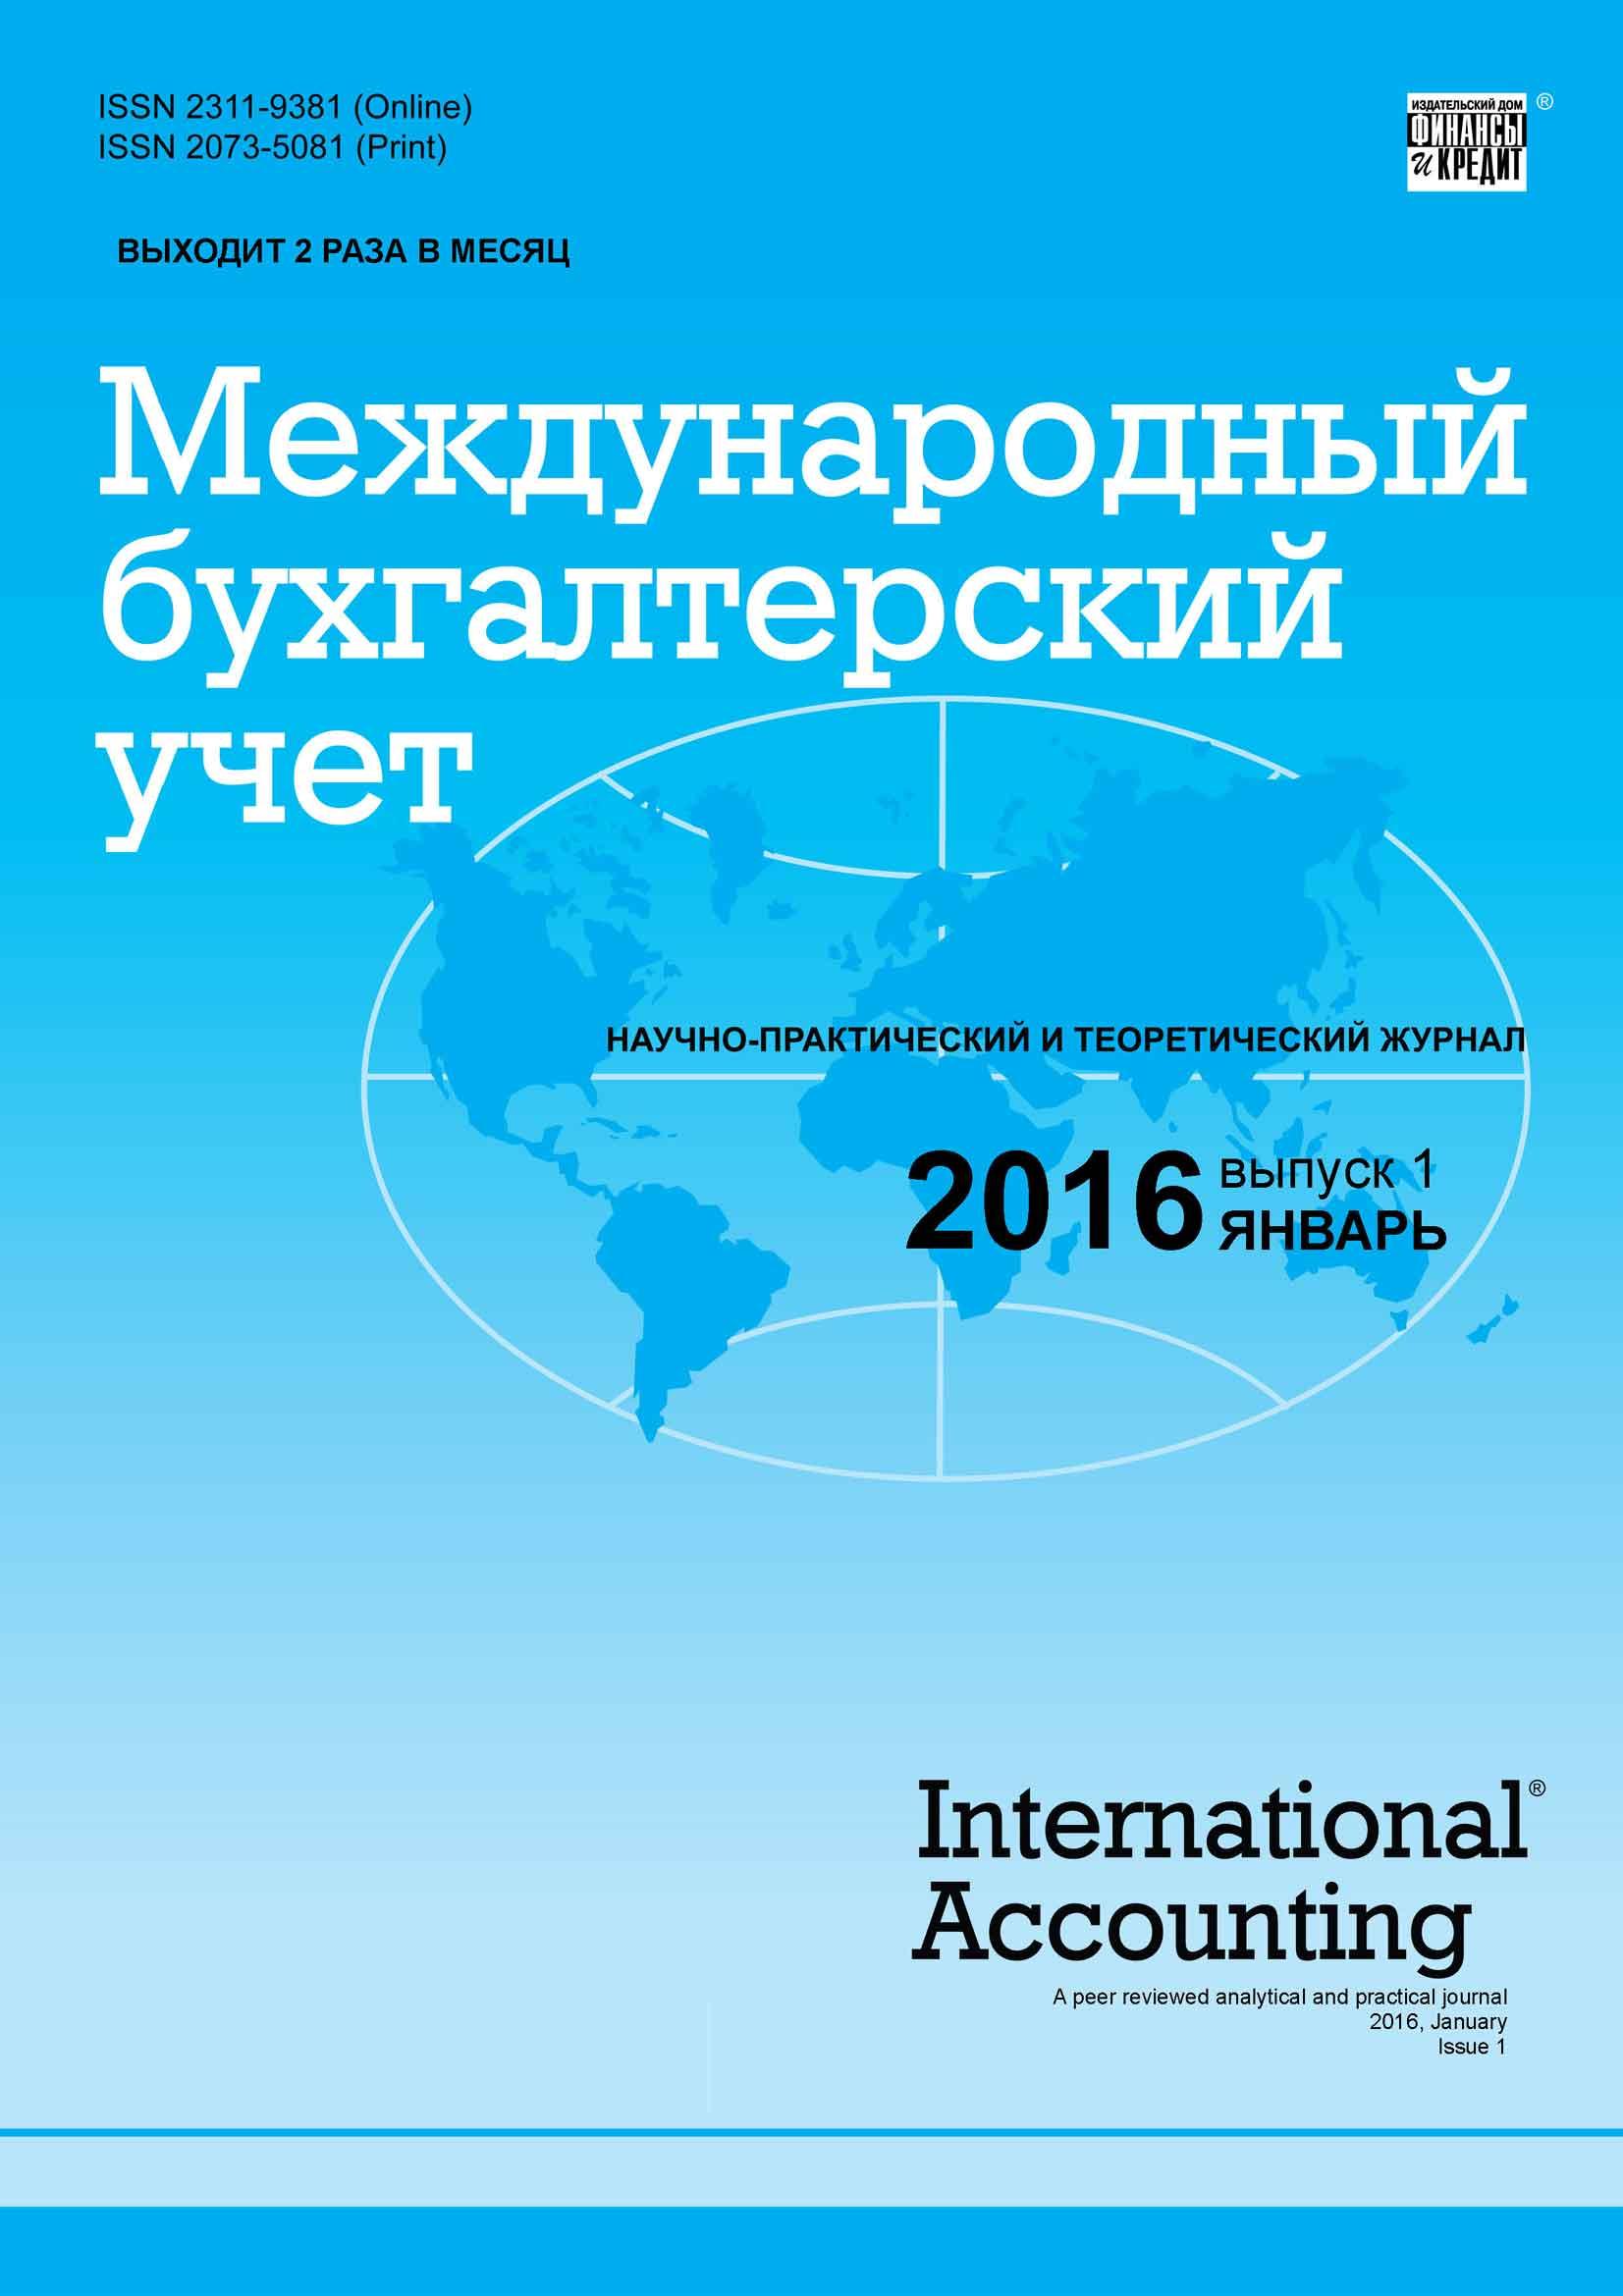 Международный бухгалтерский учет № 1 (391) 2016